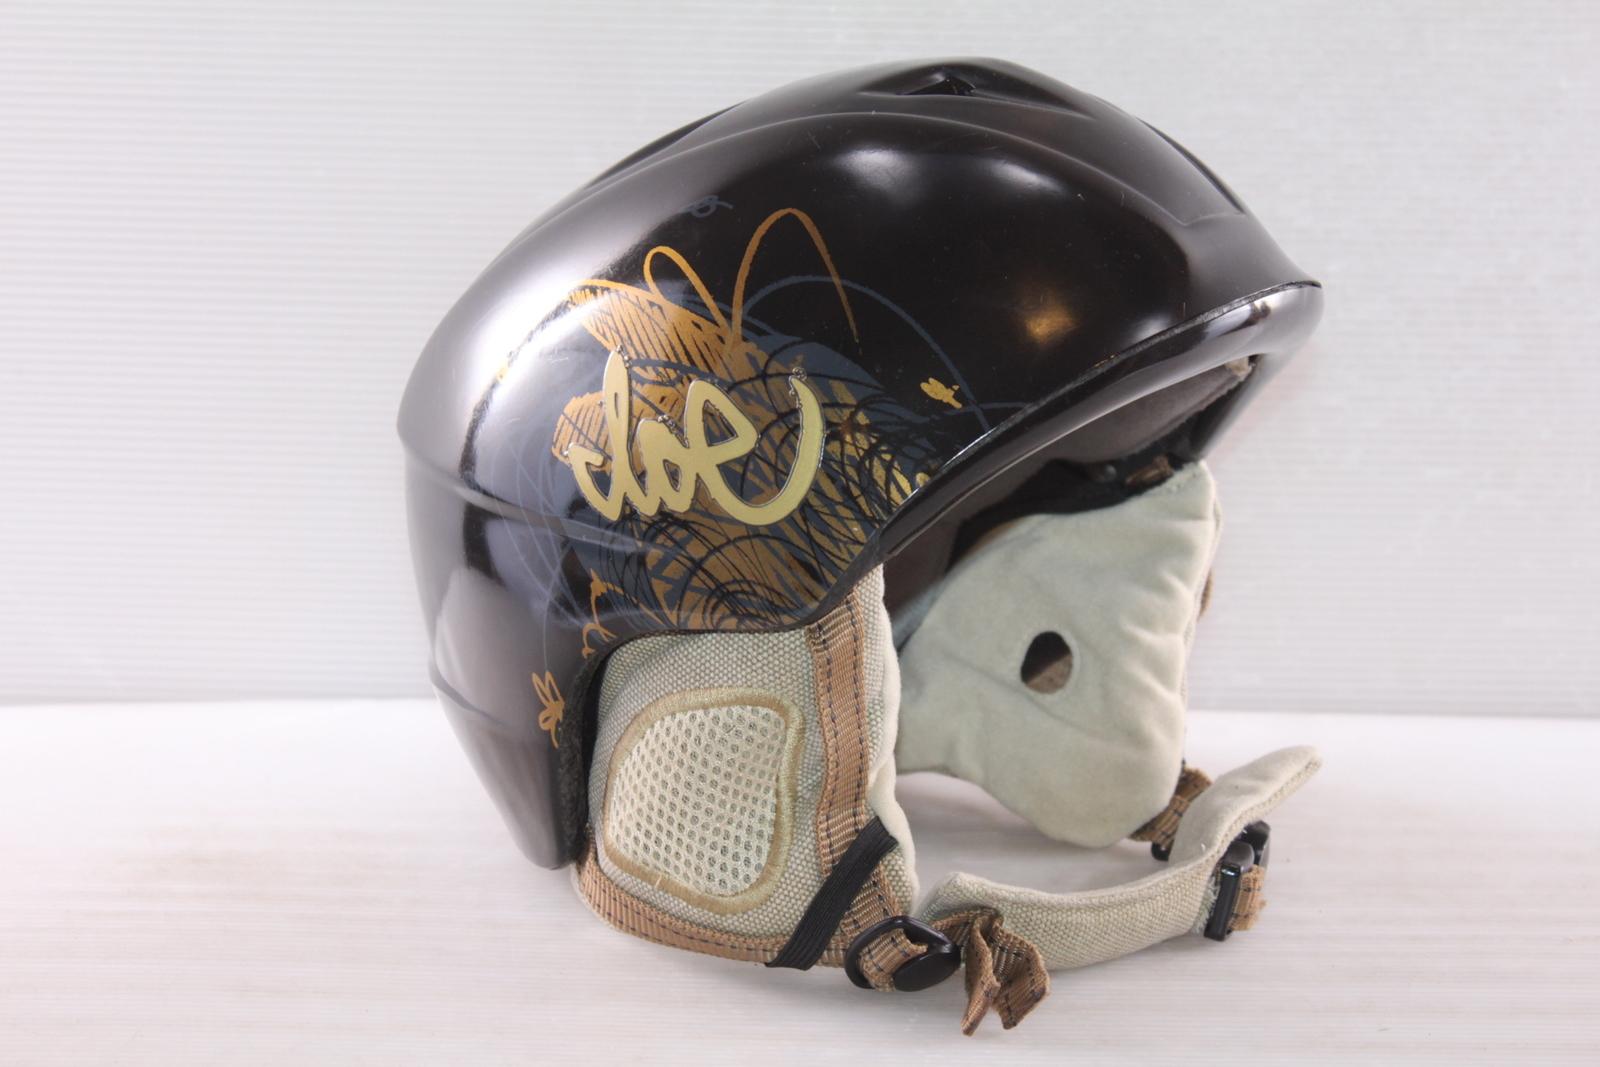 Dámská lyžařská helma Head Cloe vel. 56